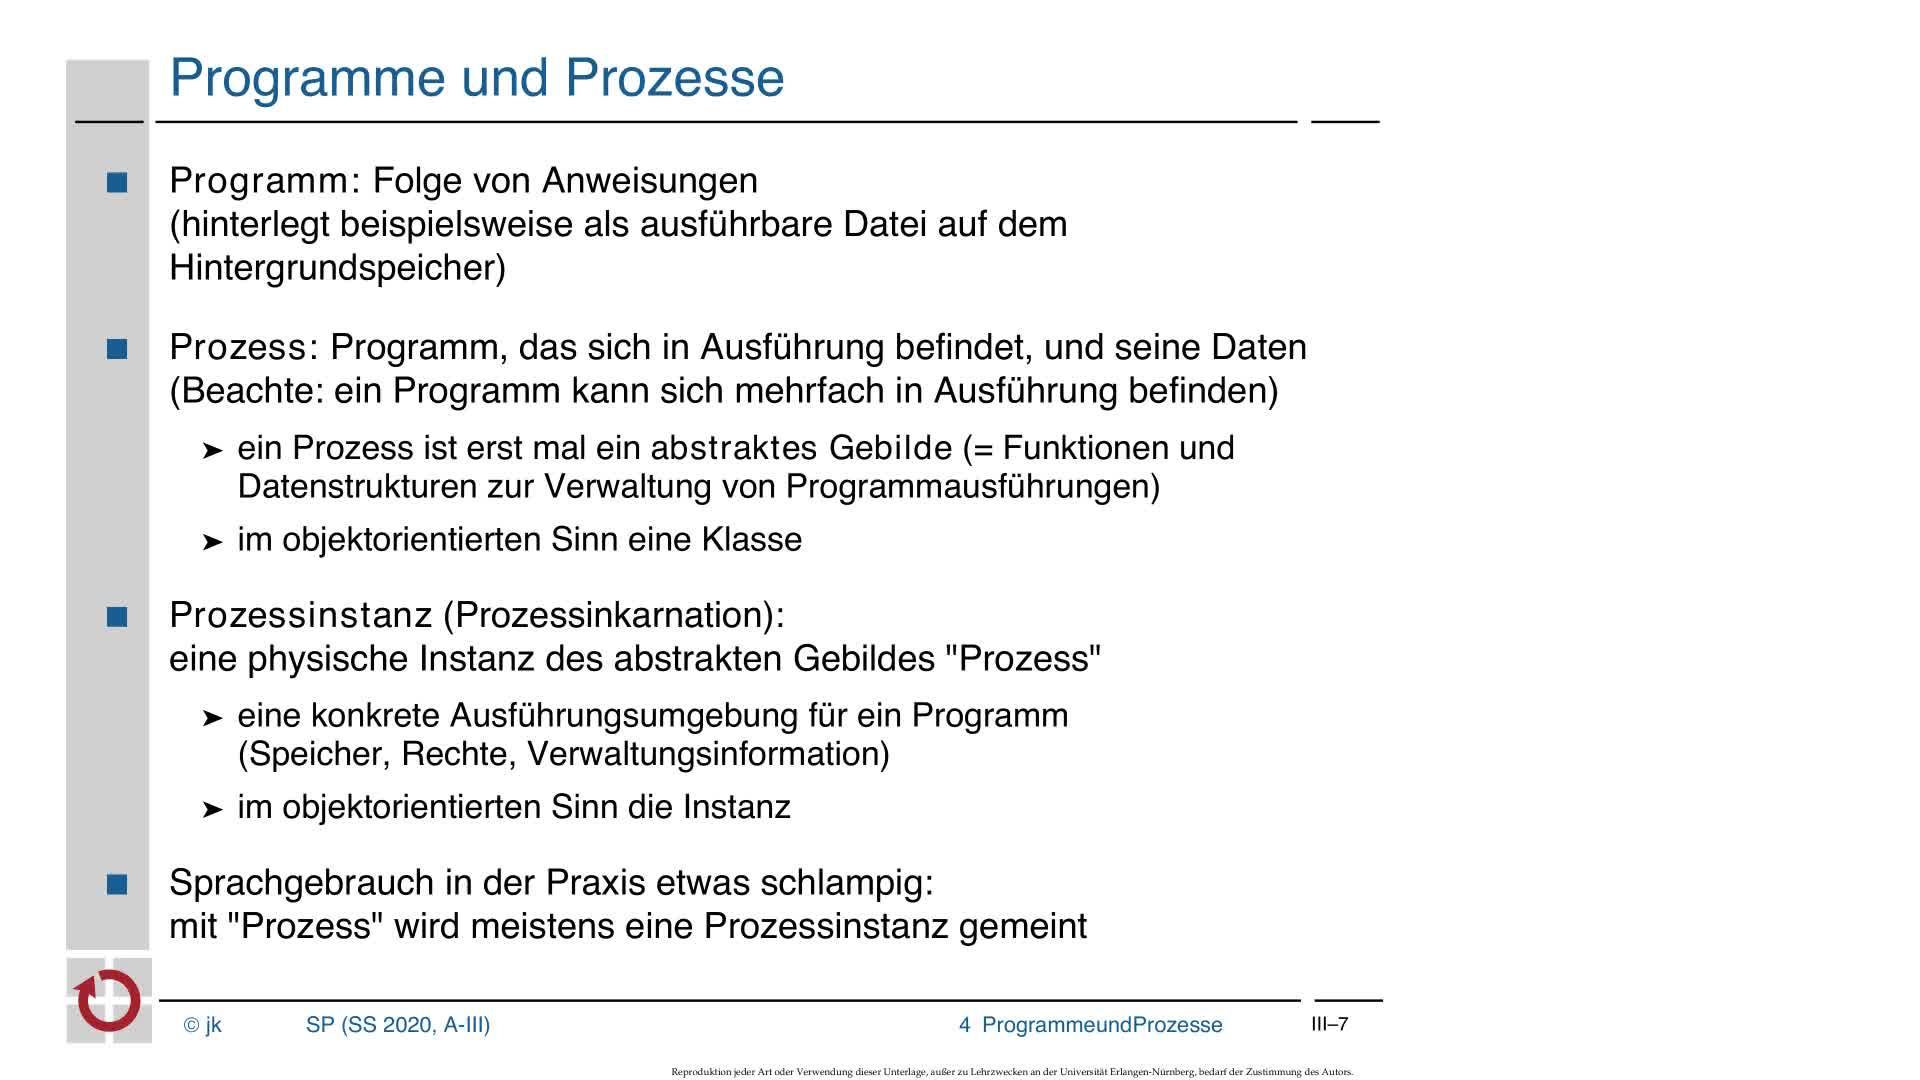 3.2 Ausführung von Programmen: Programme und Prozesse laden preview image